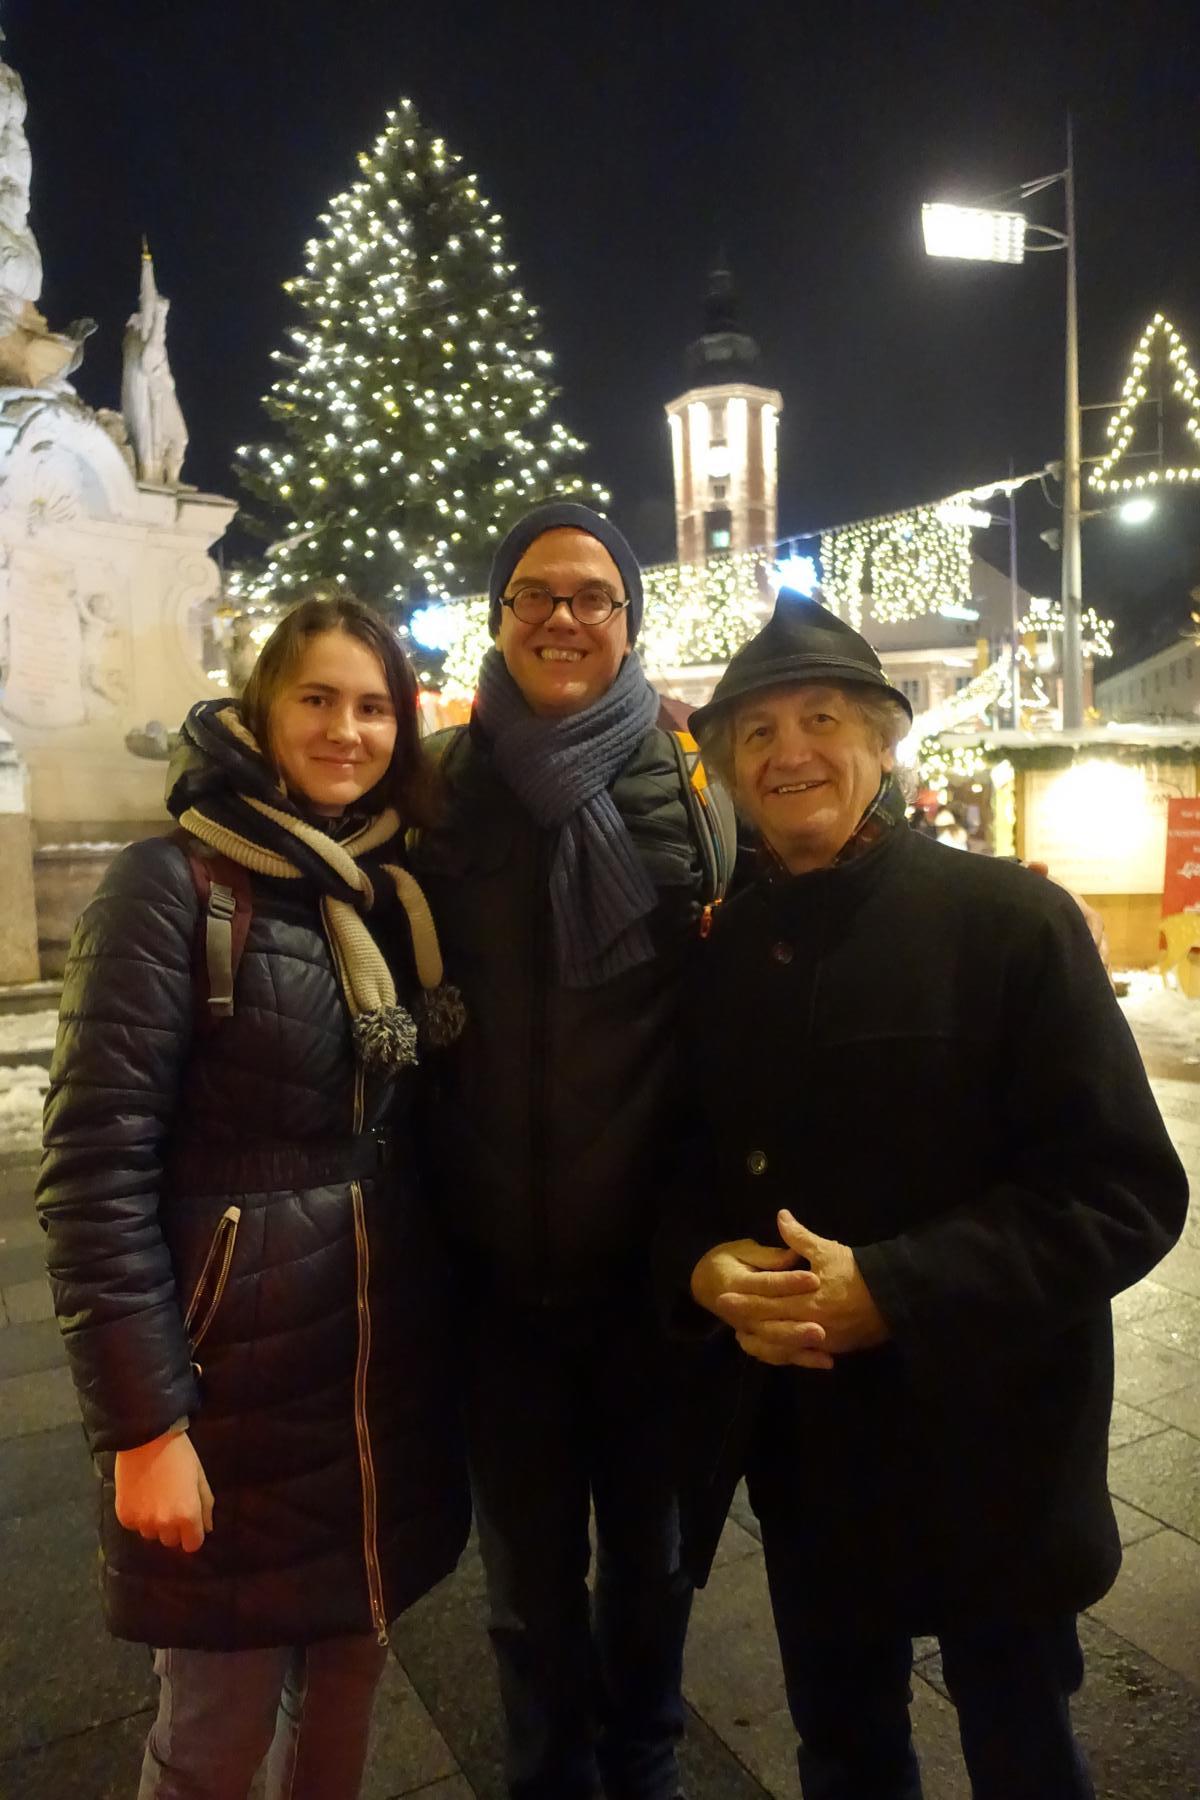 Nach dem Meeting in der Altstadt St. Pölten.